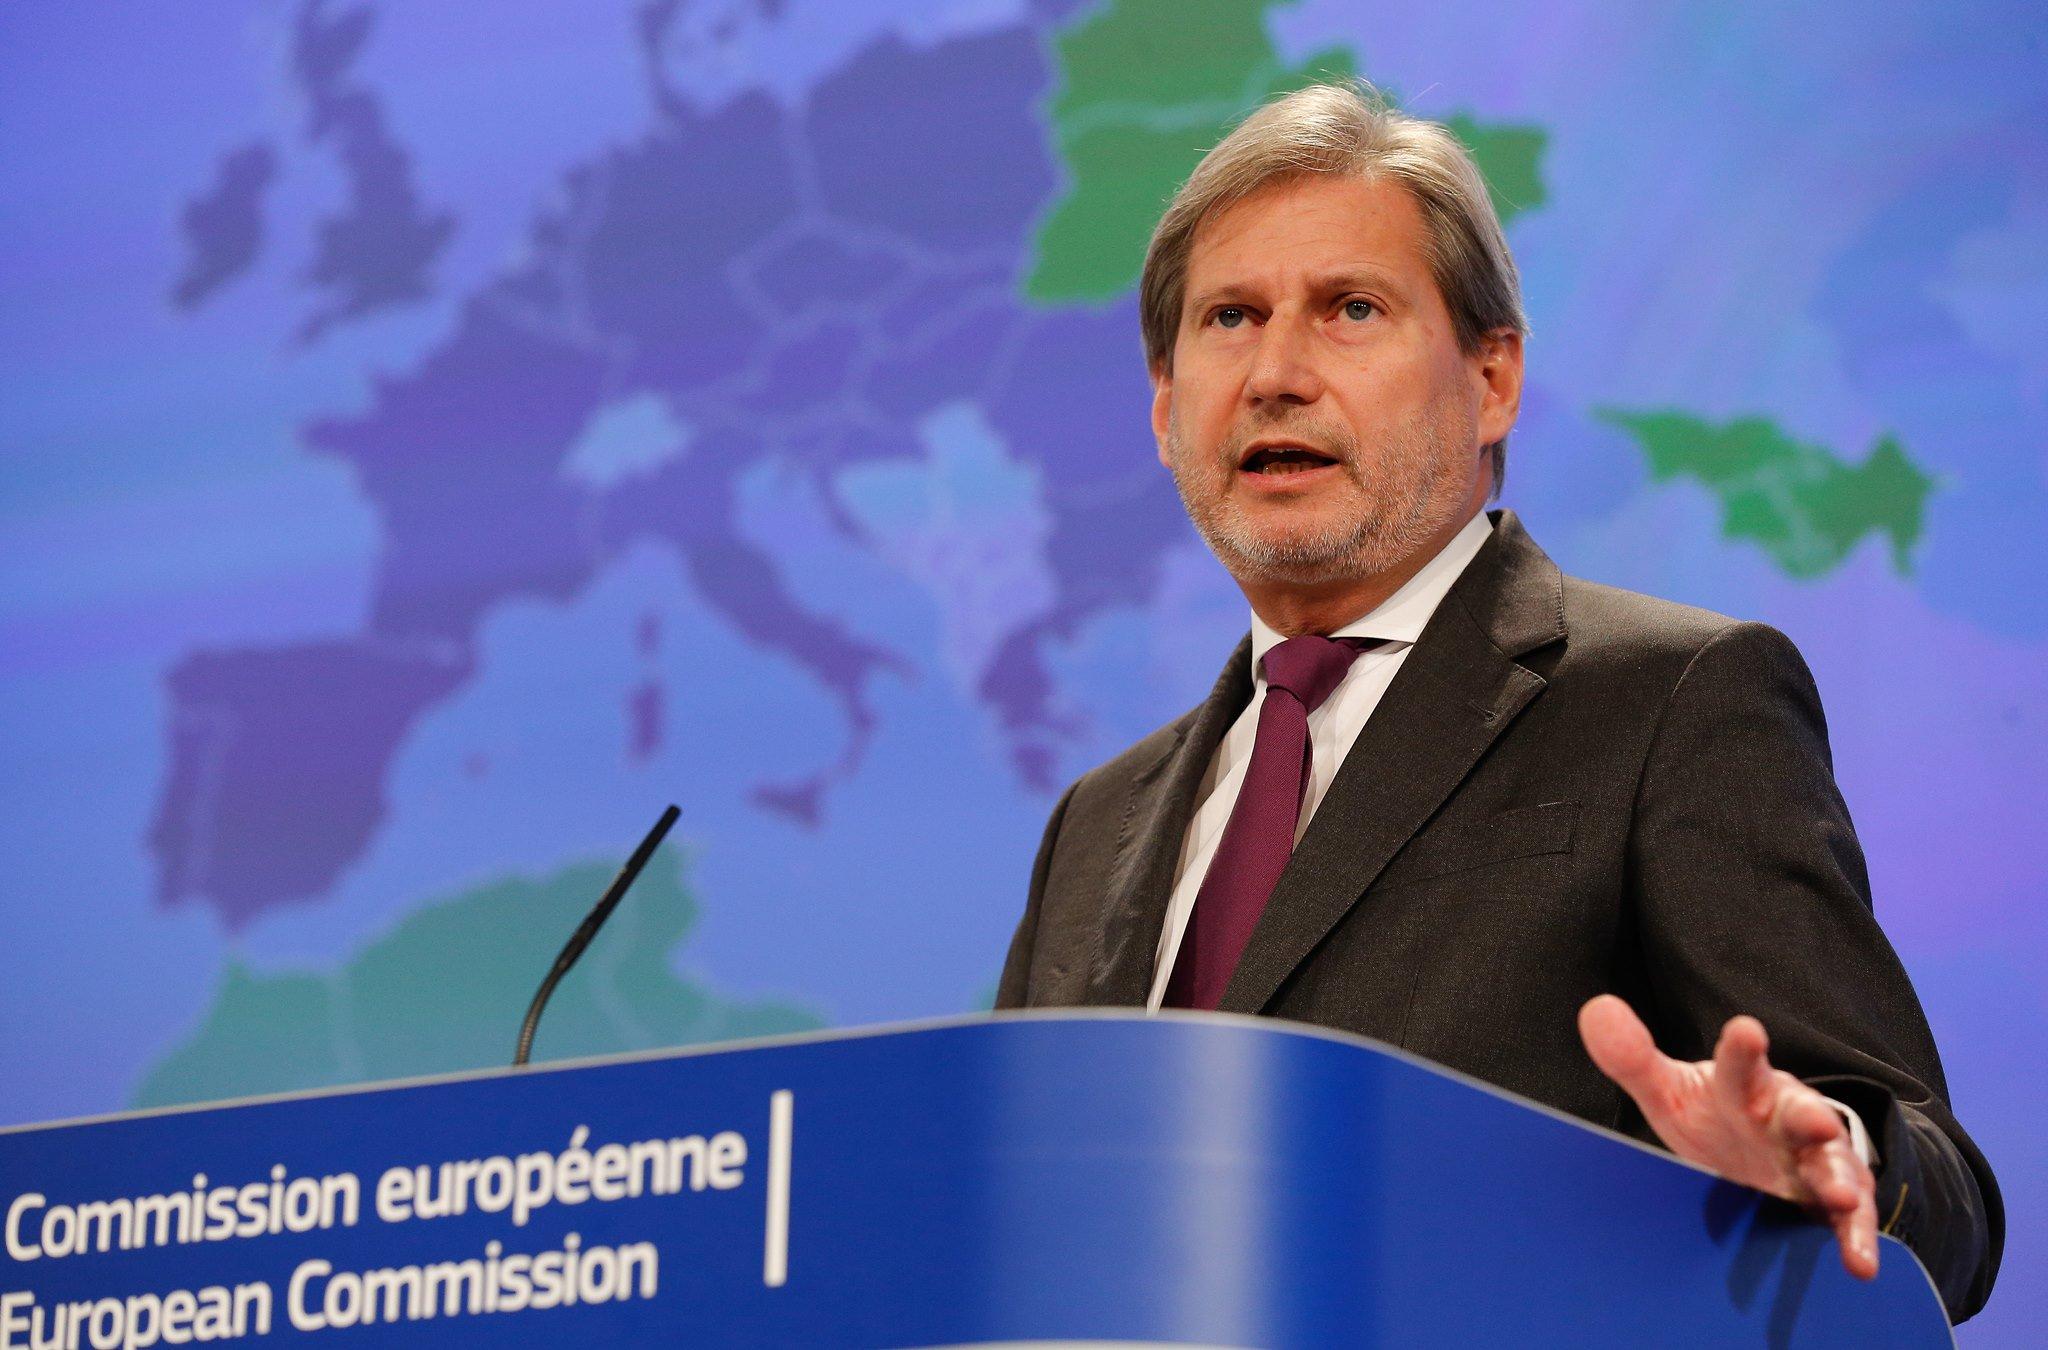 Η Ευρωπαϊκή Επιτροπή πρότεινε την έναρξη διαπραγματεύσεων για την Αλβανία και τη Βόρεια Μακεδονία